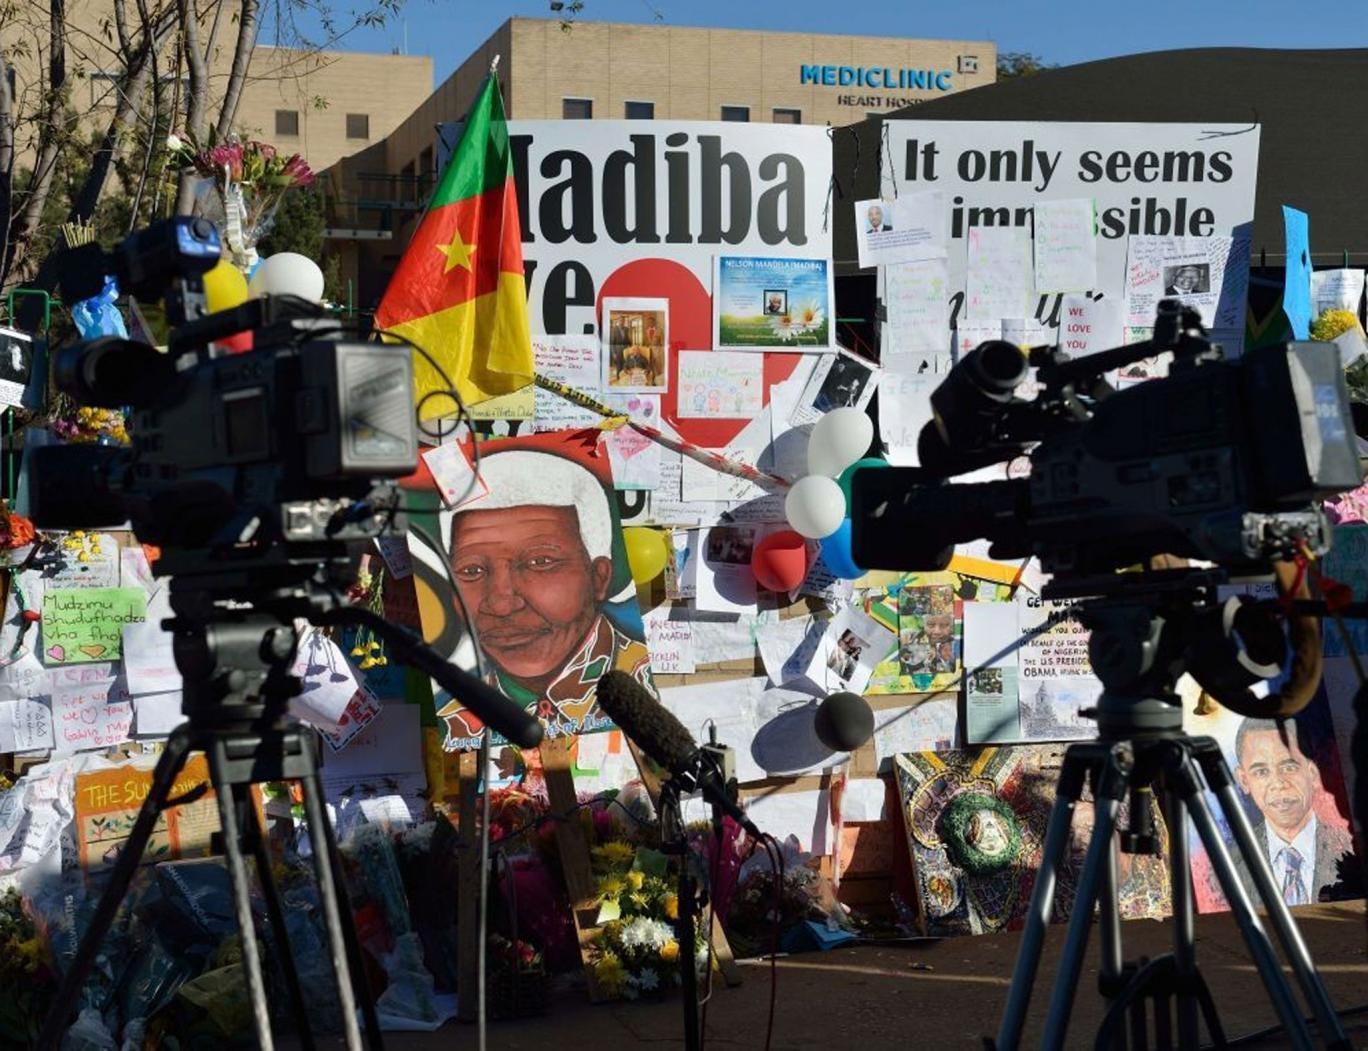 Tributes pile up for South Africa's hospitalised former president, Nelson Mandela